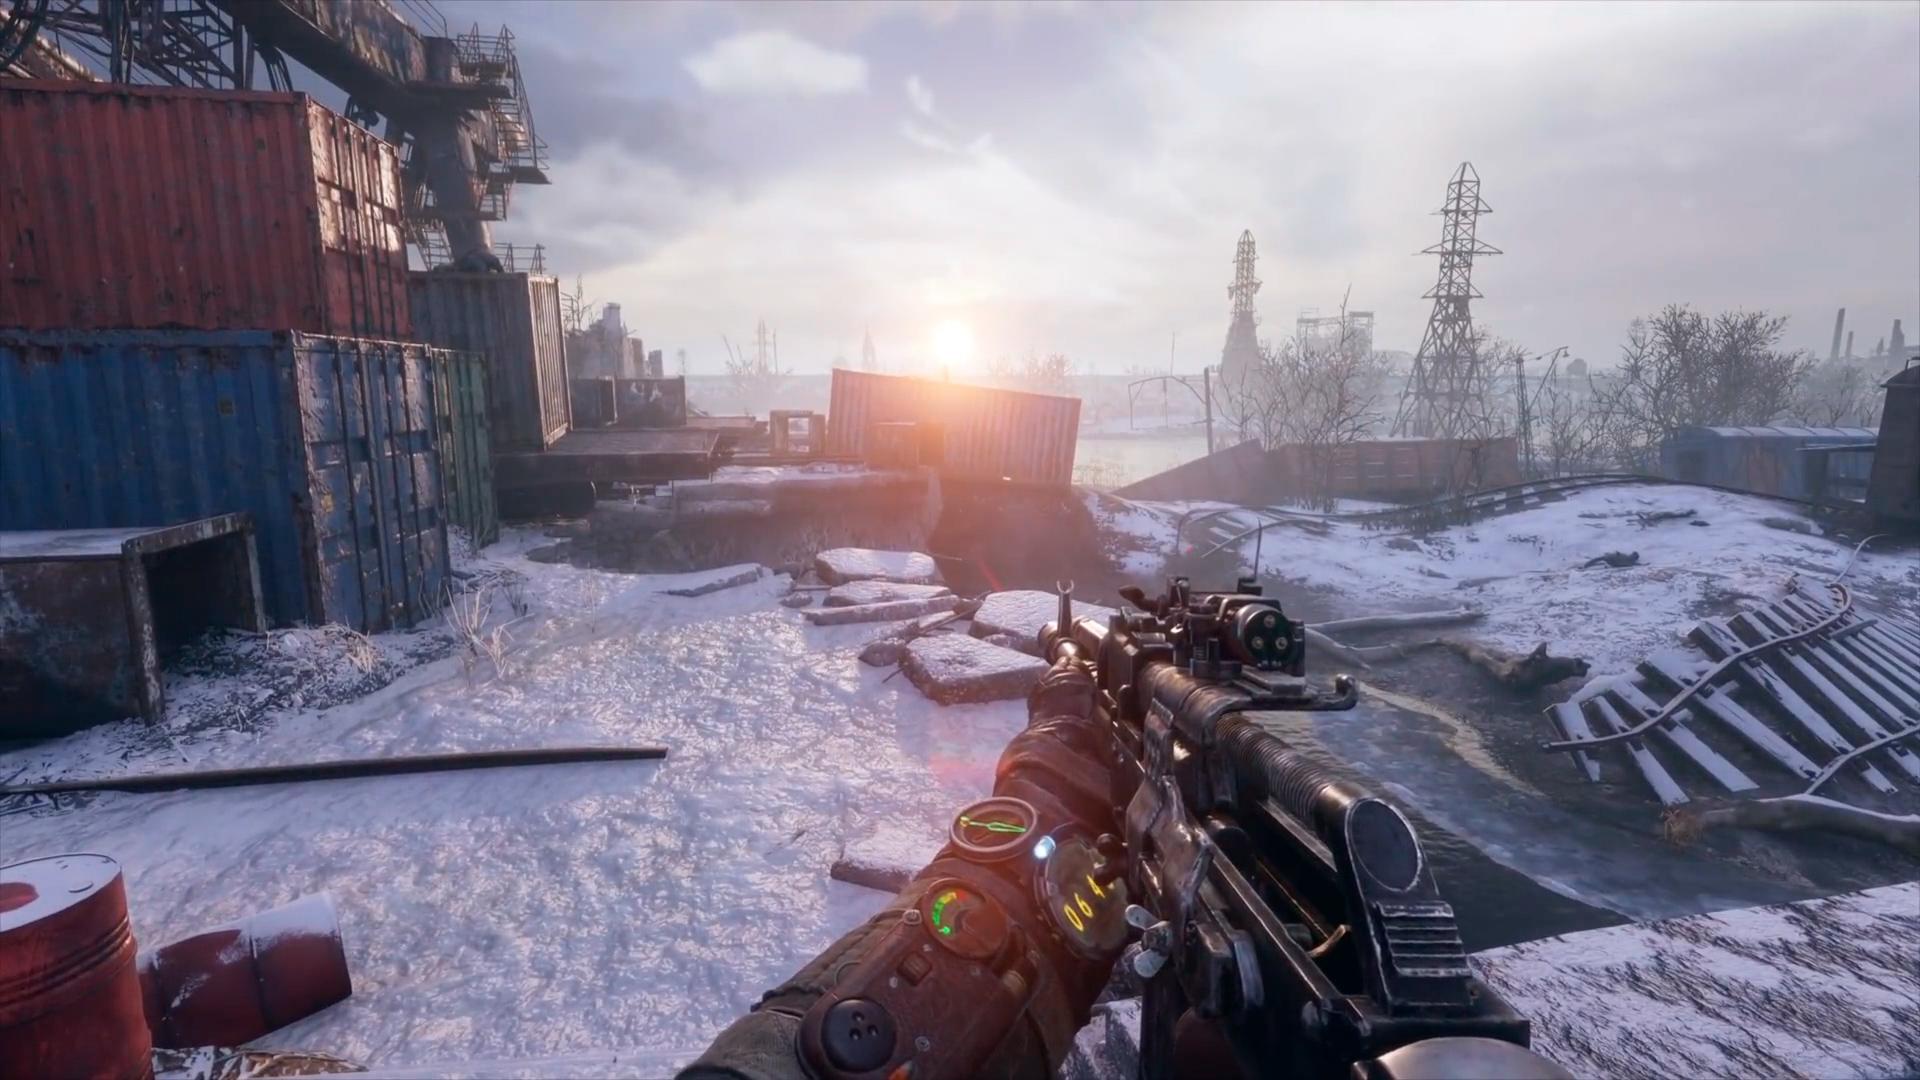 O melhor mix de shooter, stealth e survival está em Metro Exodus